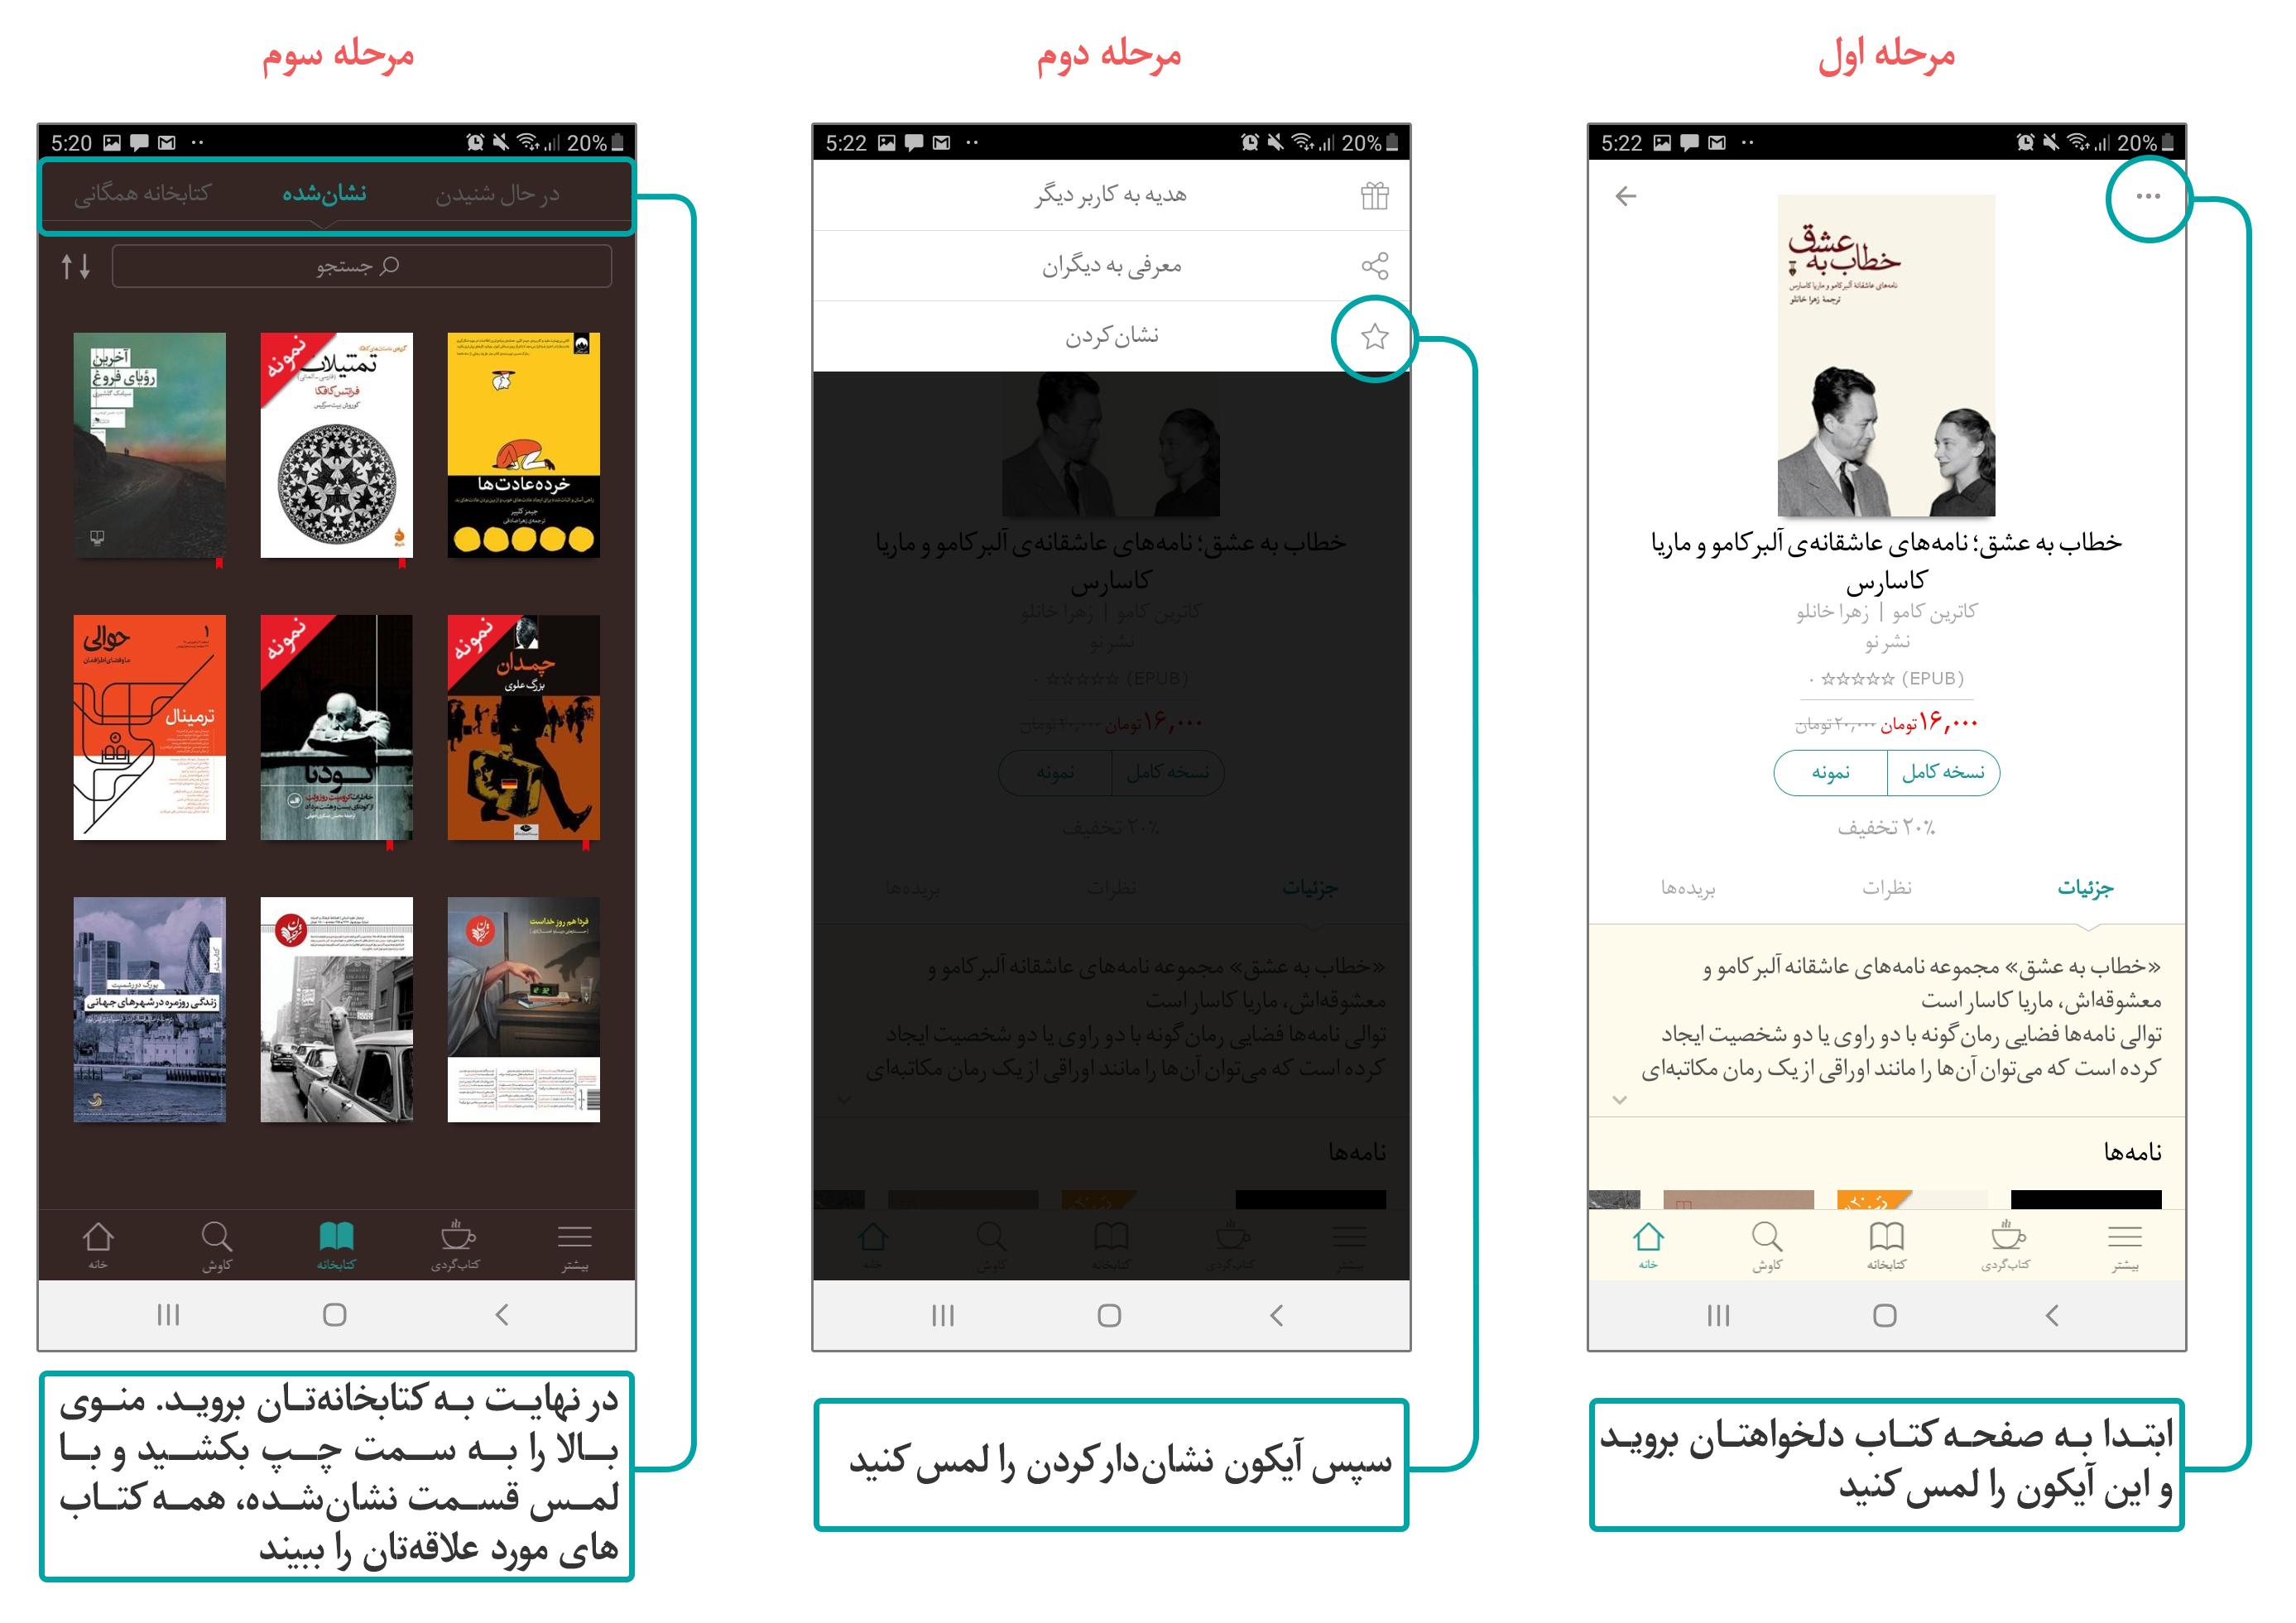 آموزش نشاندار کردن کتاب در اپلیکیشن طاقچه در دنیای آنلاین کتاب خواندن